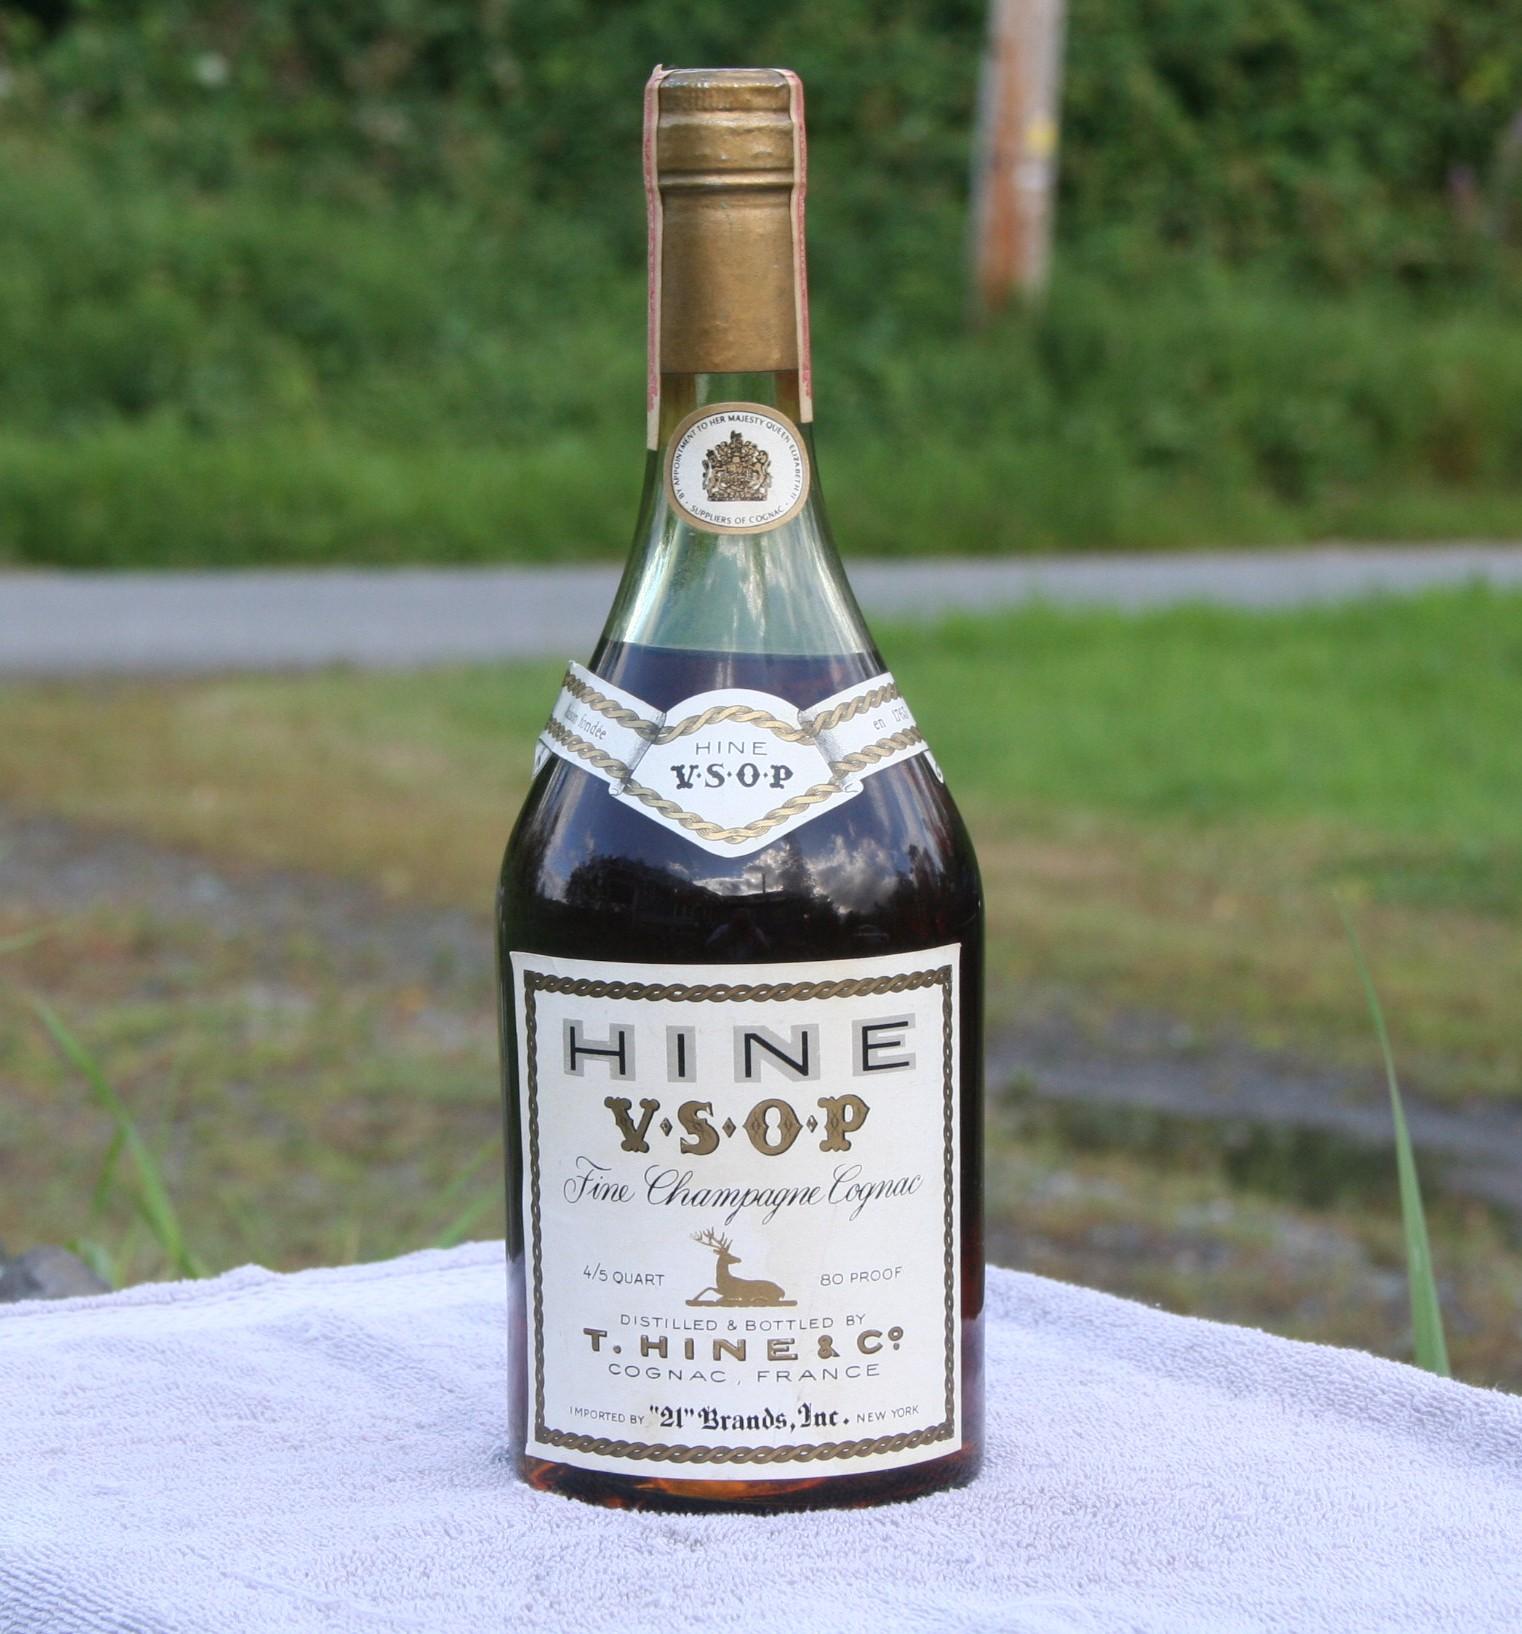 Hine VSOP Fine Champagne Cognac